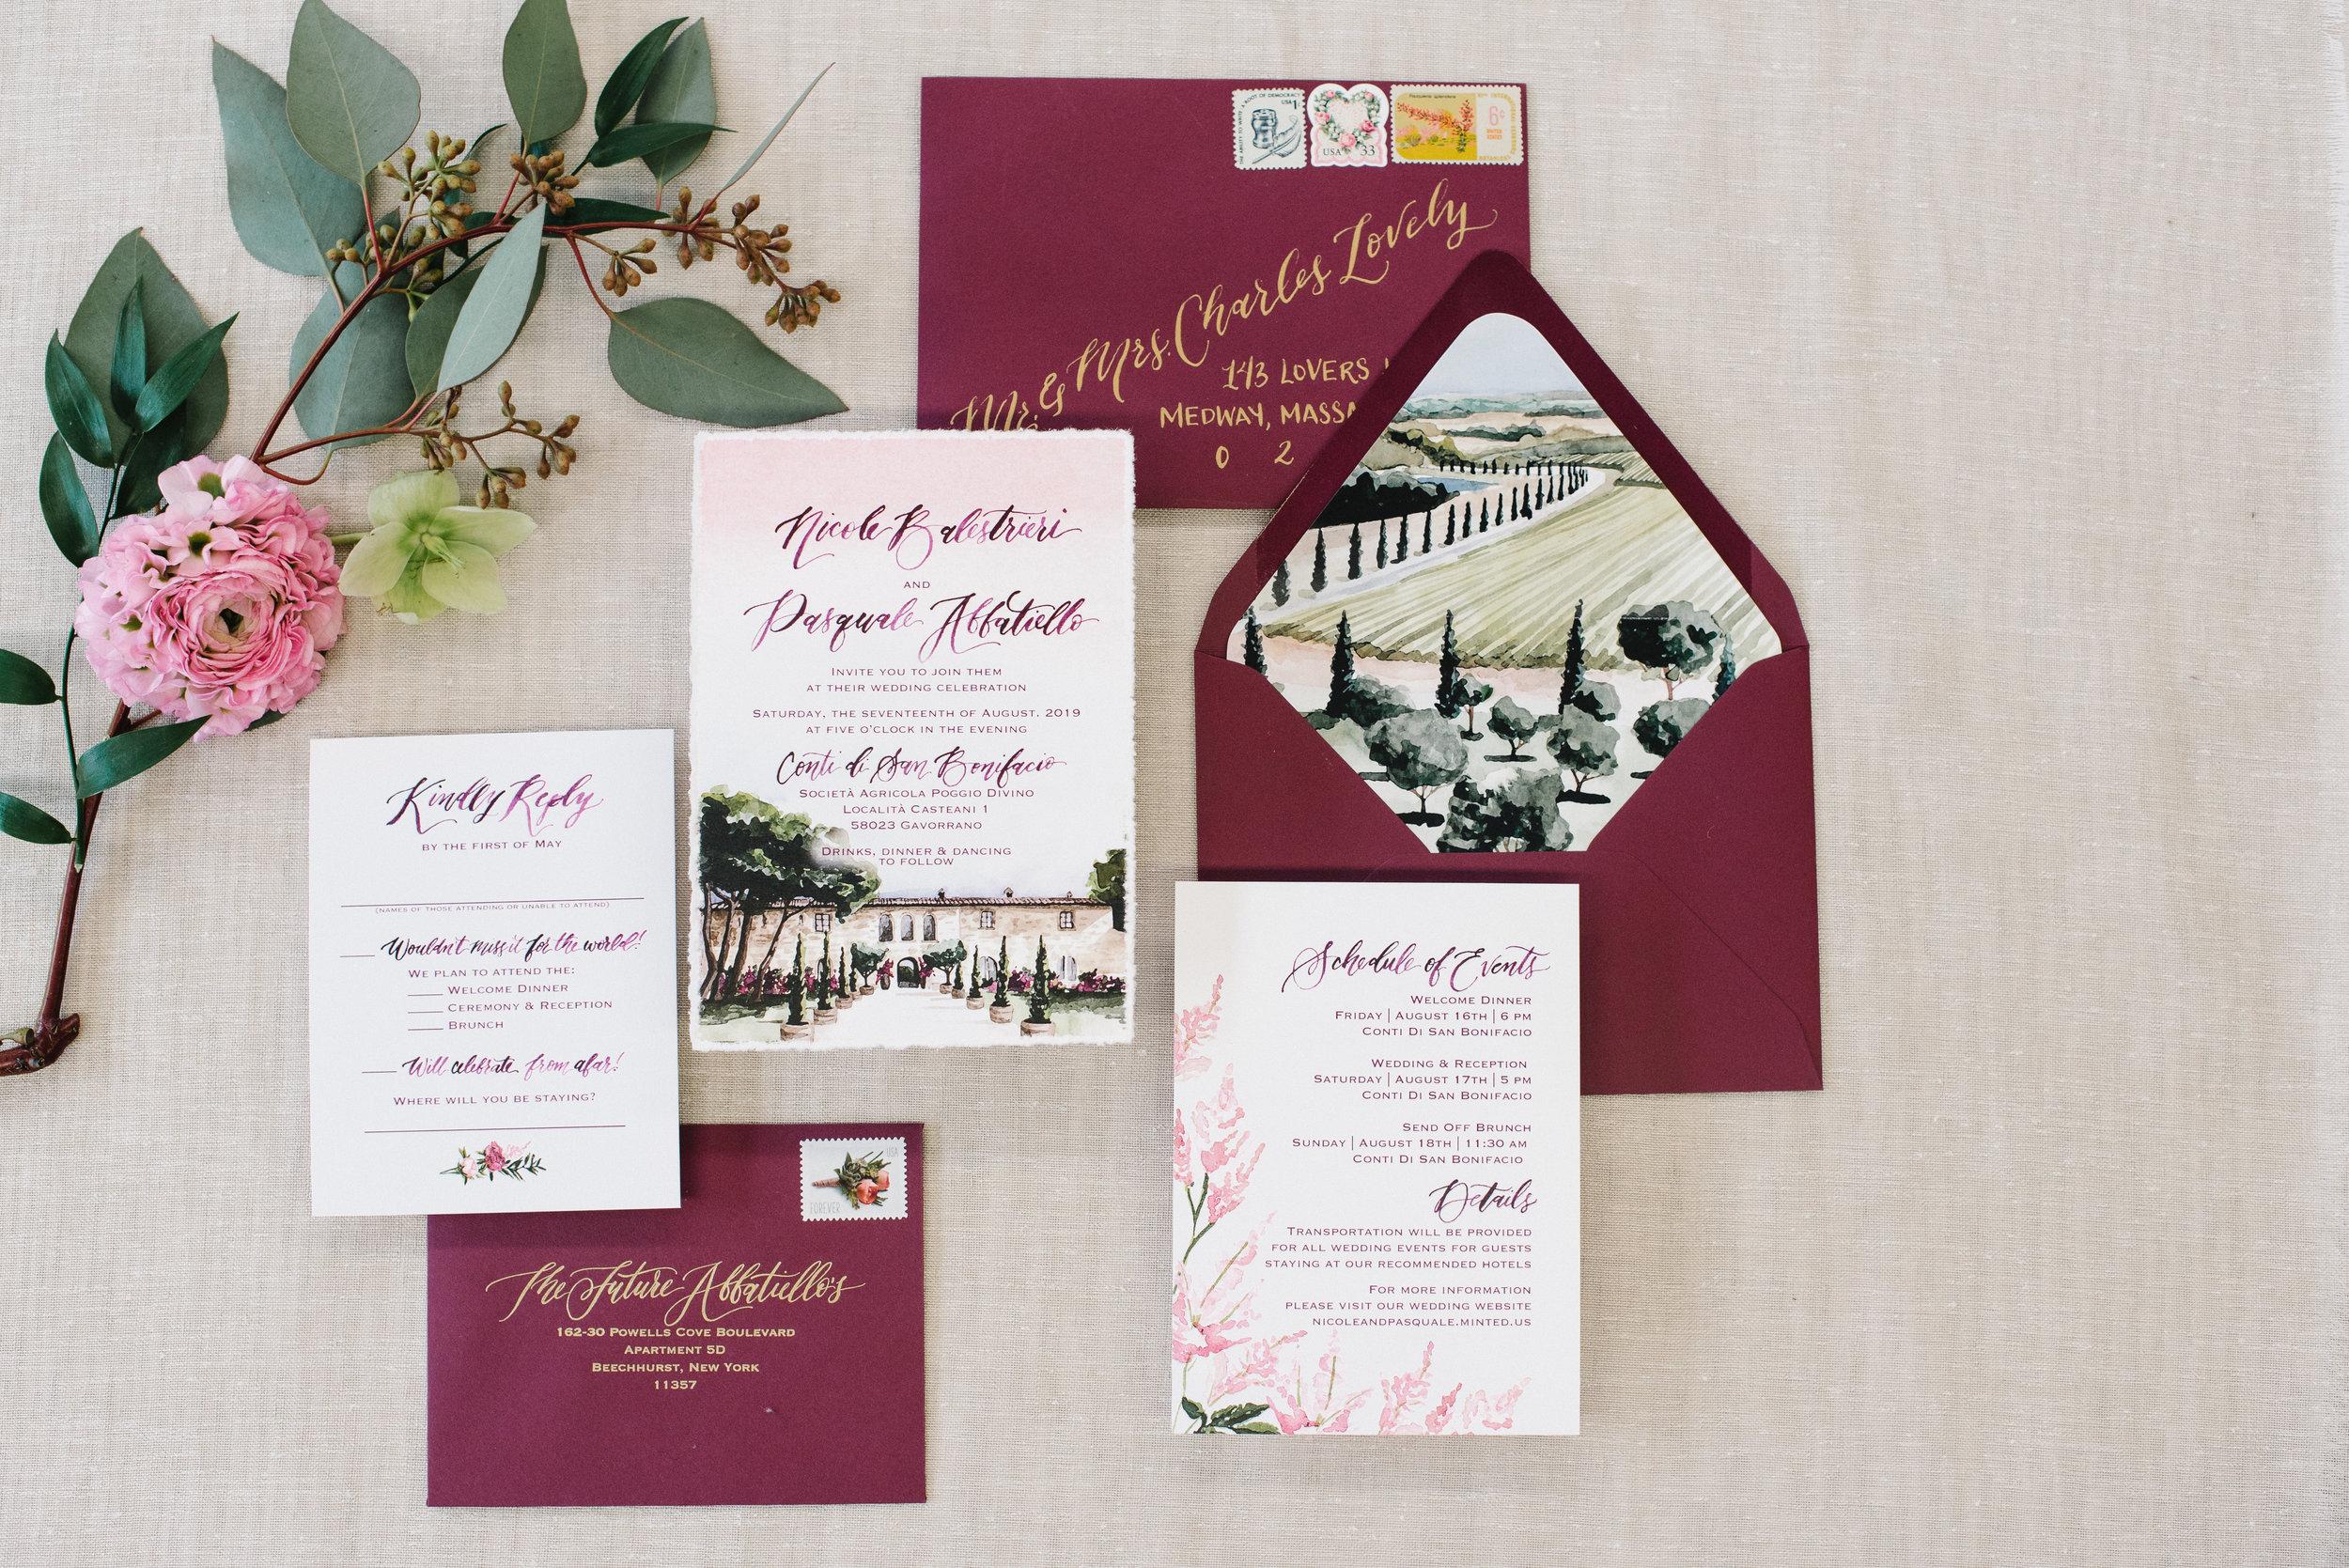 ITALIAN WINERY & VINEYARD WATERCOLOR WEDDING INVITATION, CONTI DI SAN BENIFACIO